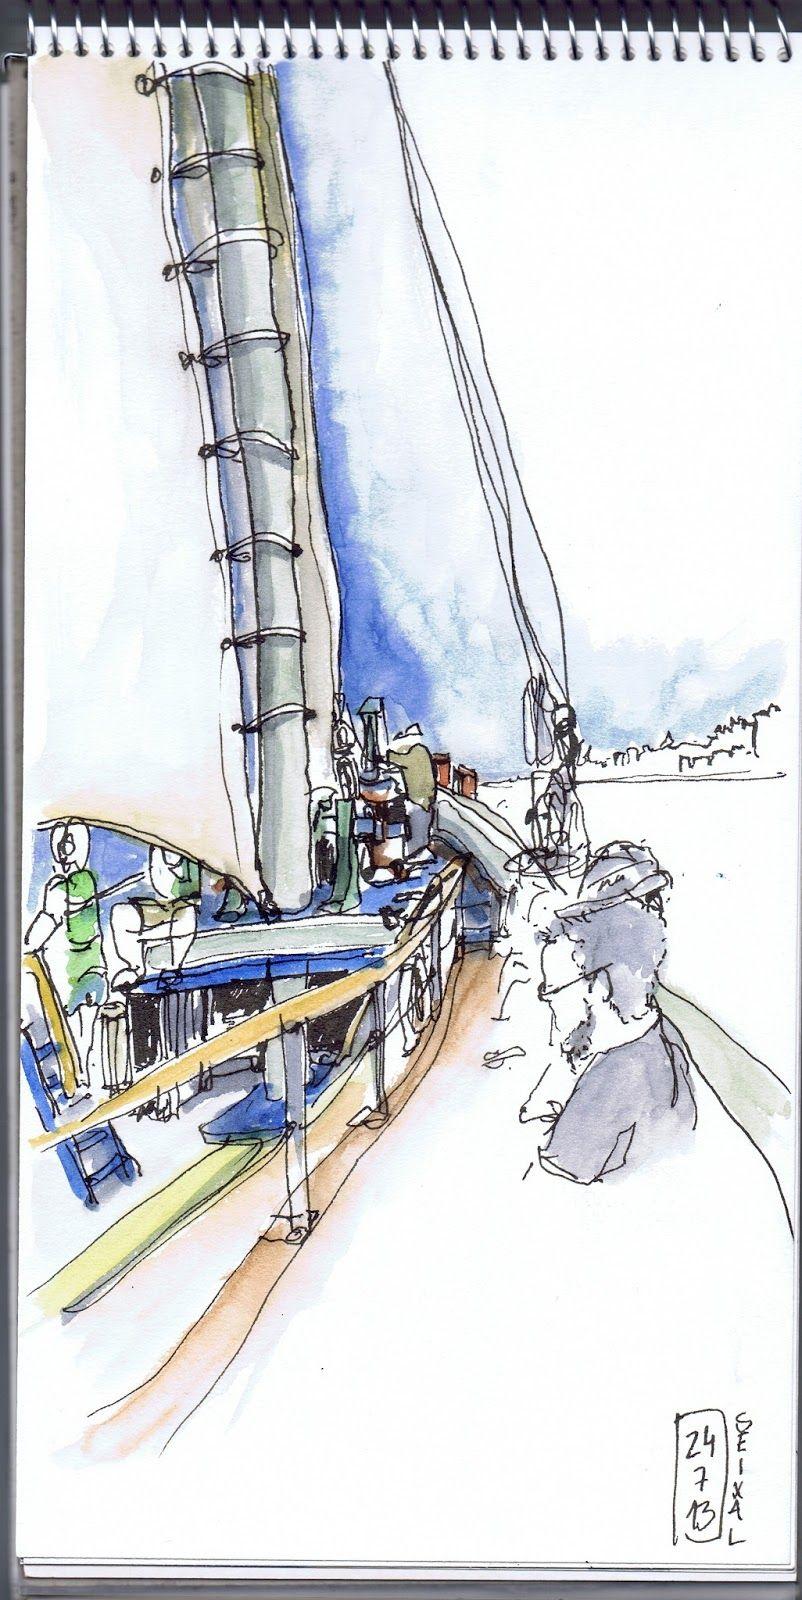 42º Encontro USKP _ Seixal _ Passeio de barco varino